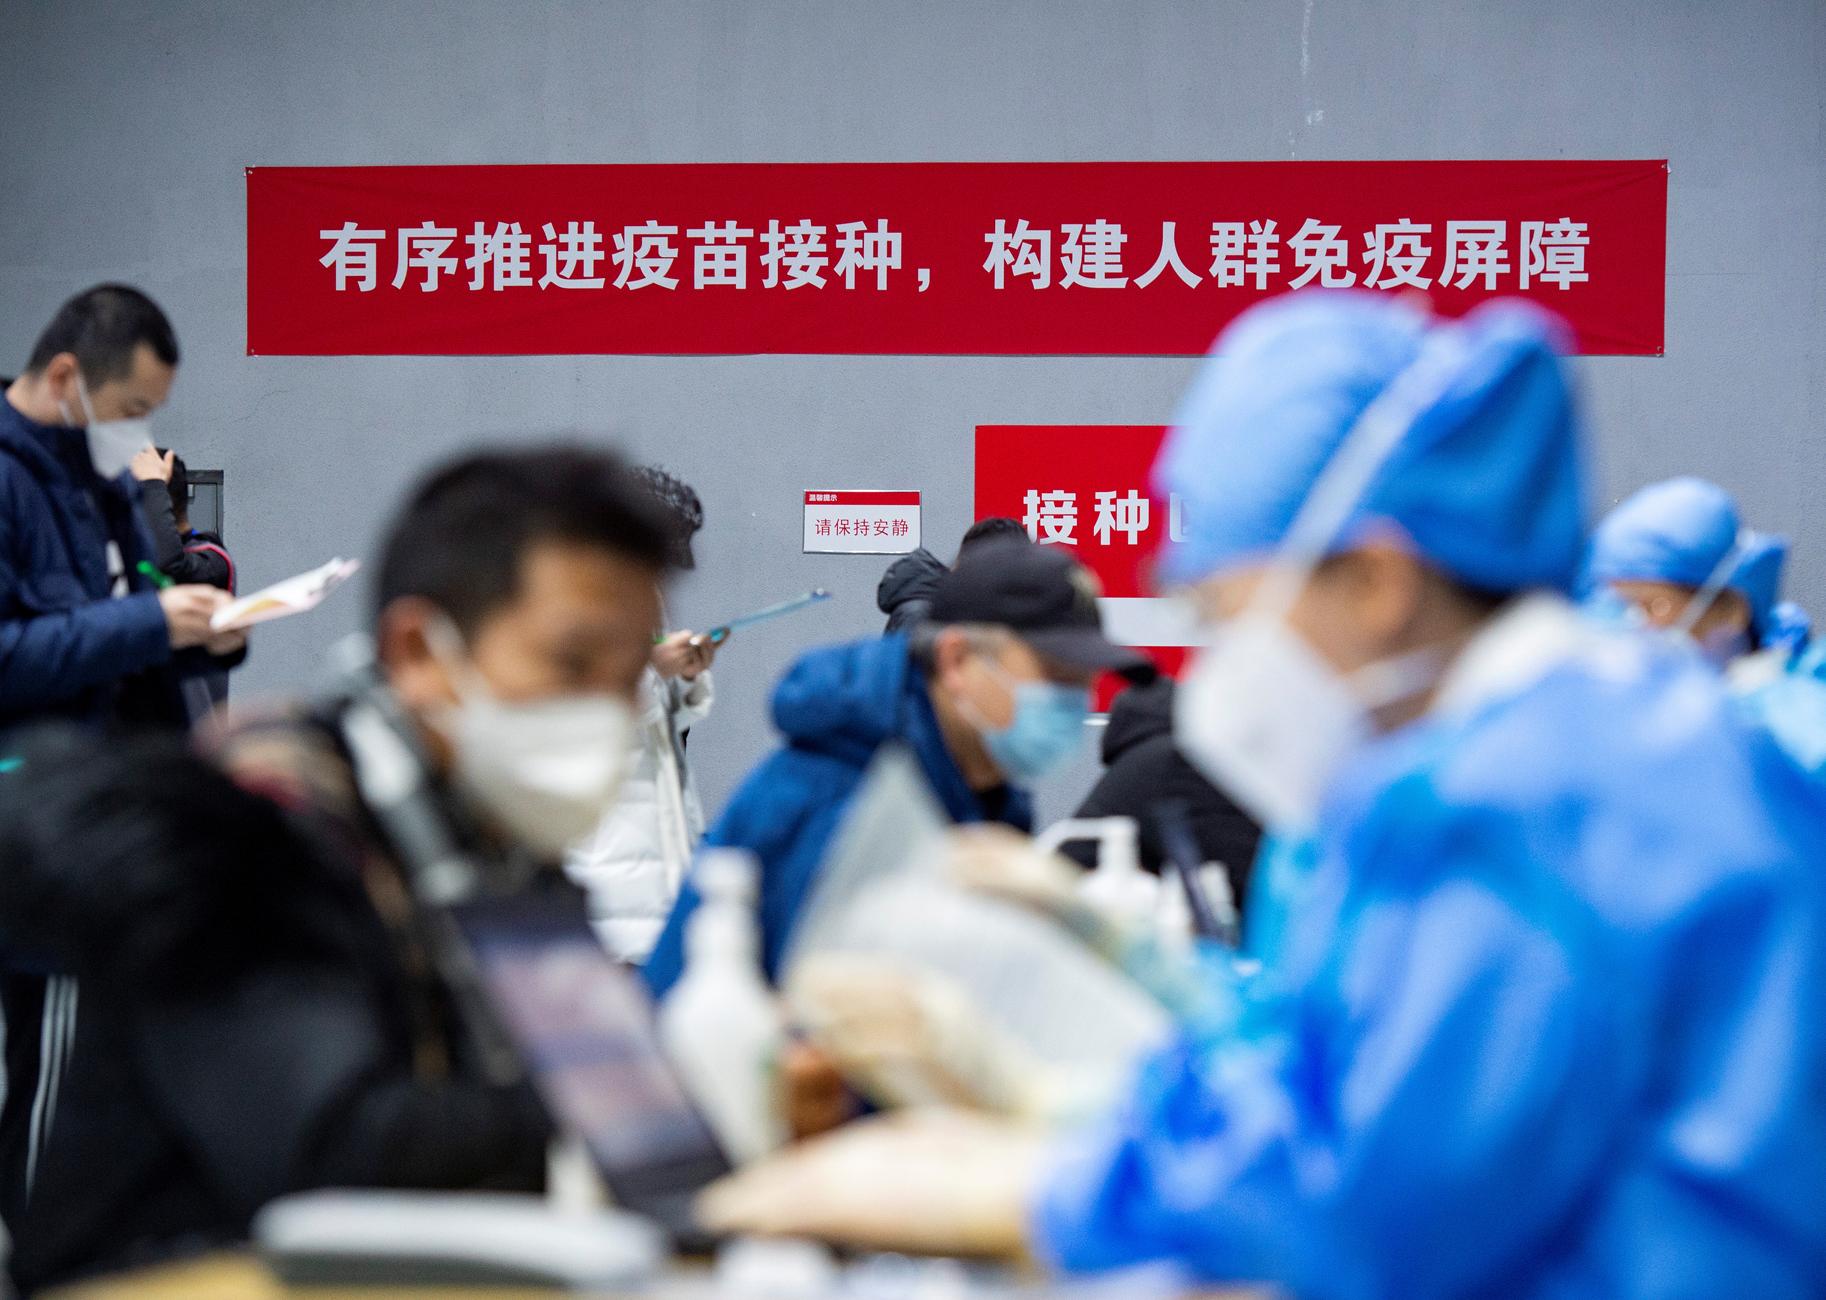 Κίνα: Εντοπίστηκε κρούσμα του μεταλλαγμένου κορονοϊού